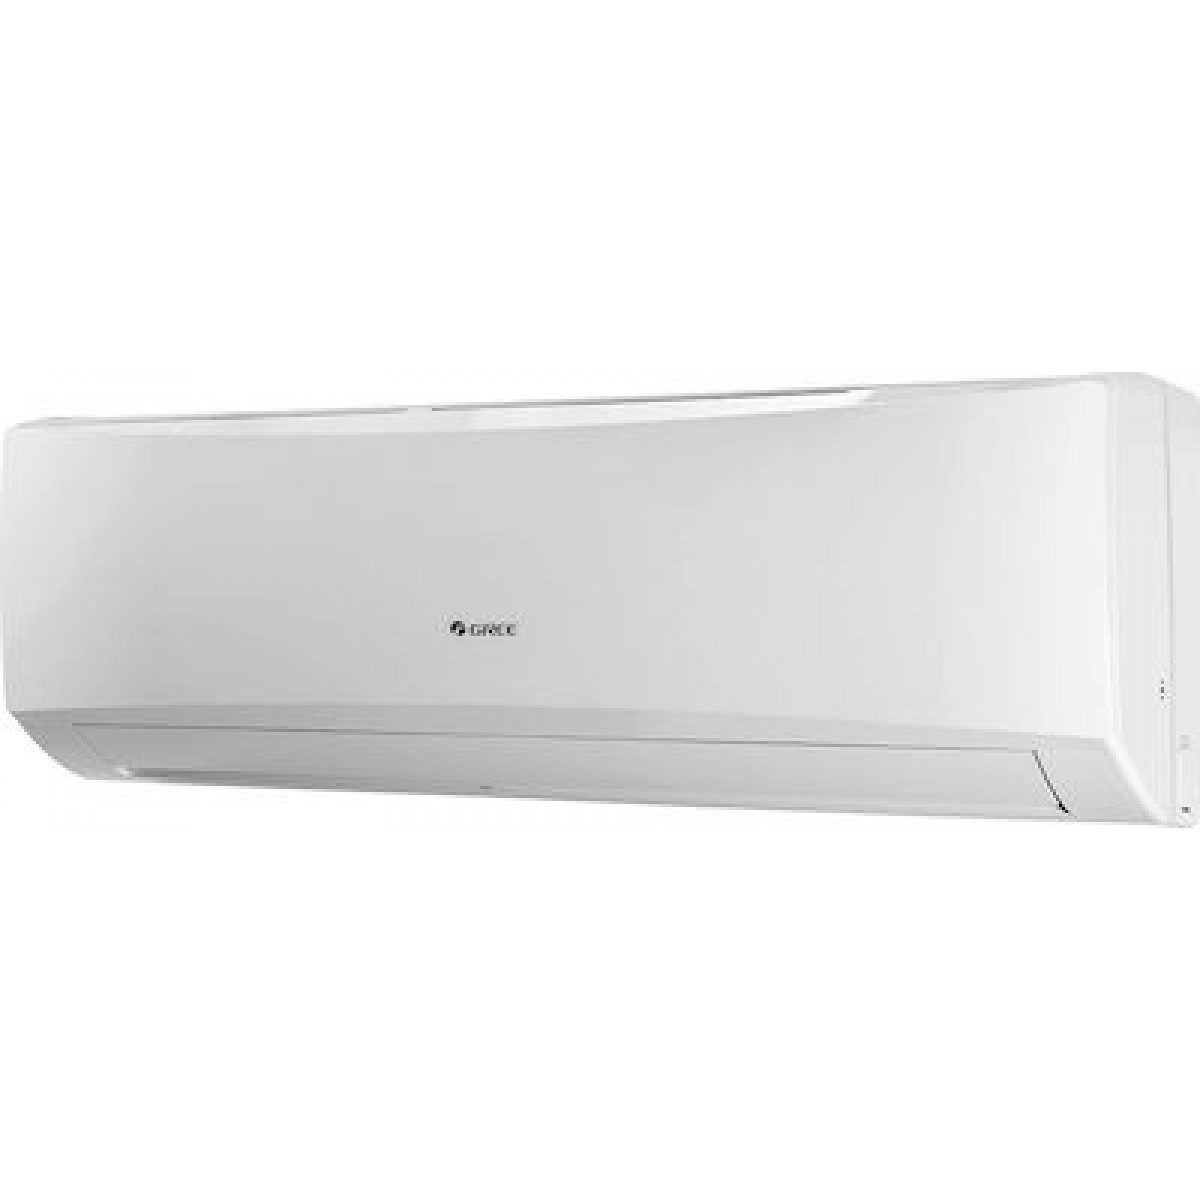 Κλιματιστικό Gree Lomo GRS 161 EI/JLM1-N3 16.000btu inverter A+++ Wi-Fi Ιονιστή  Κλιματιστικά Inverter